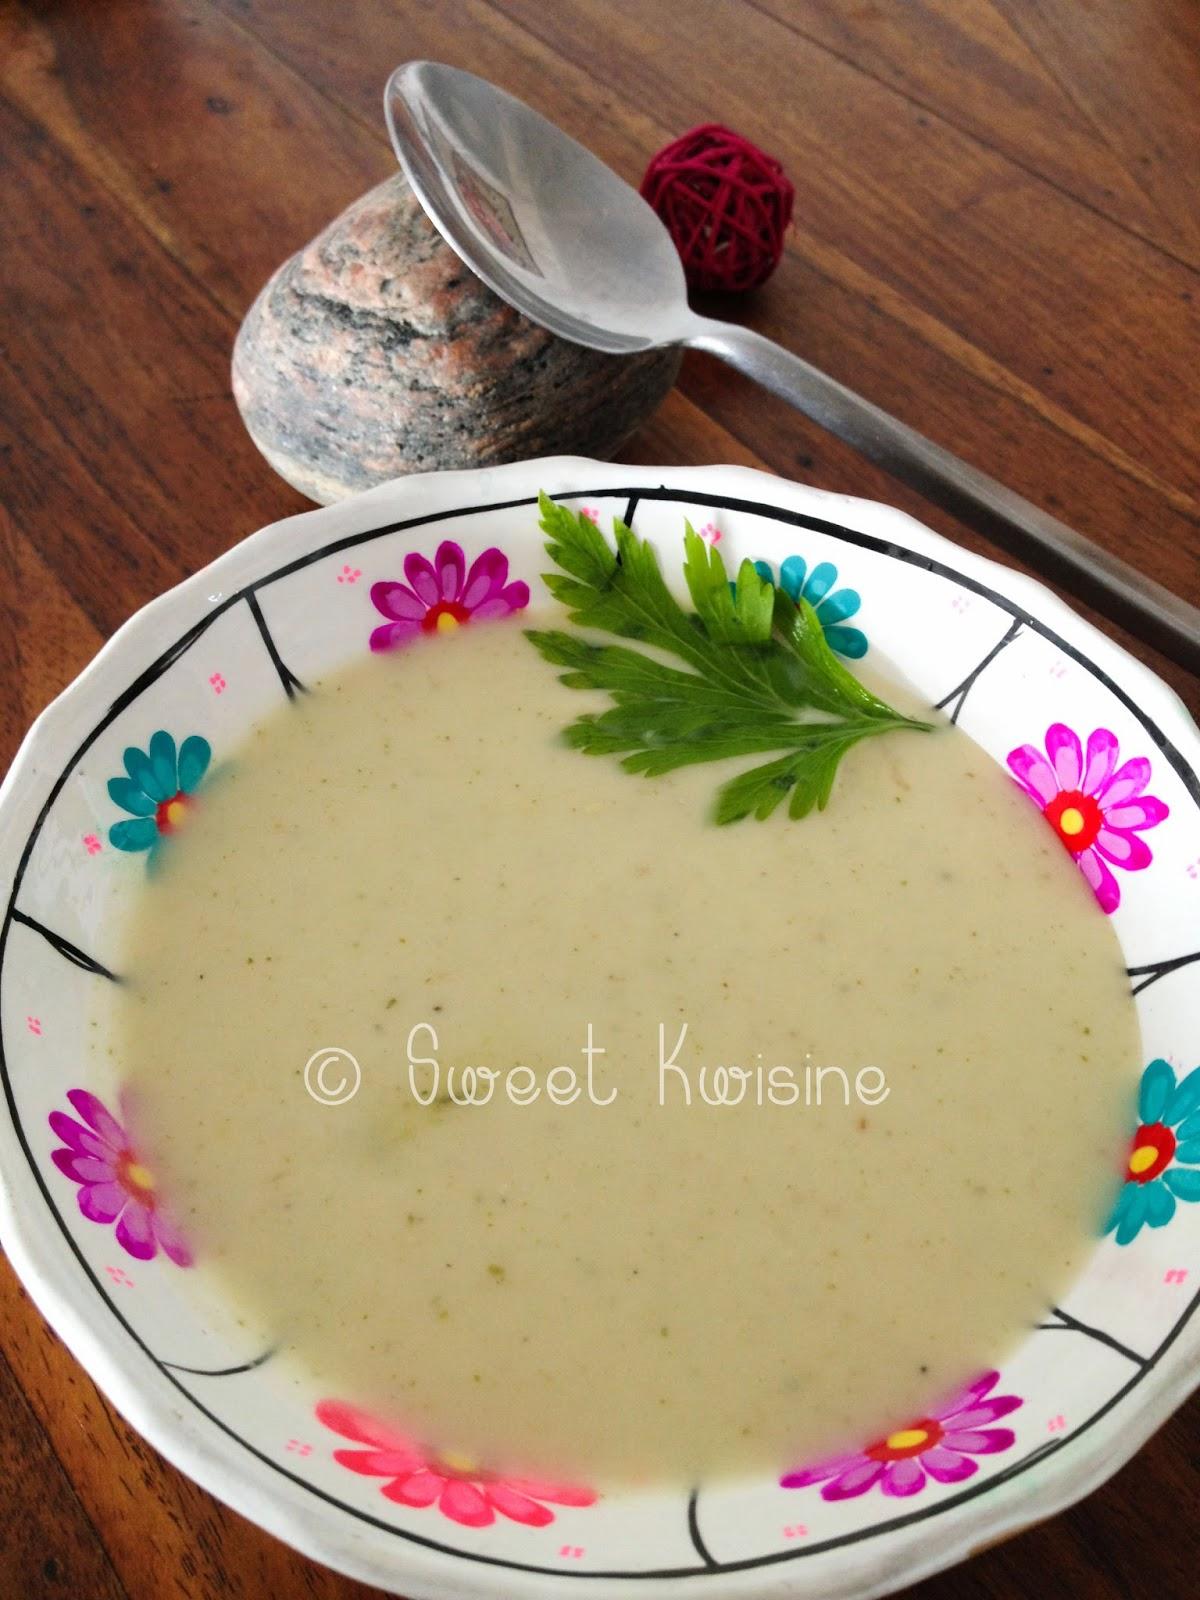 Sweet Kwisine, soupe, velouté, potage, concombre, courgette, crème, végétarien, cumin, coriandre, persil